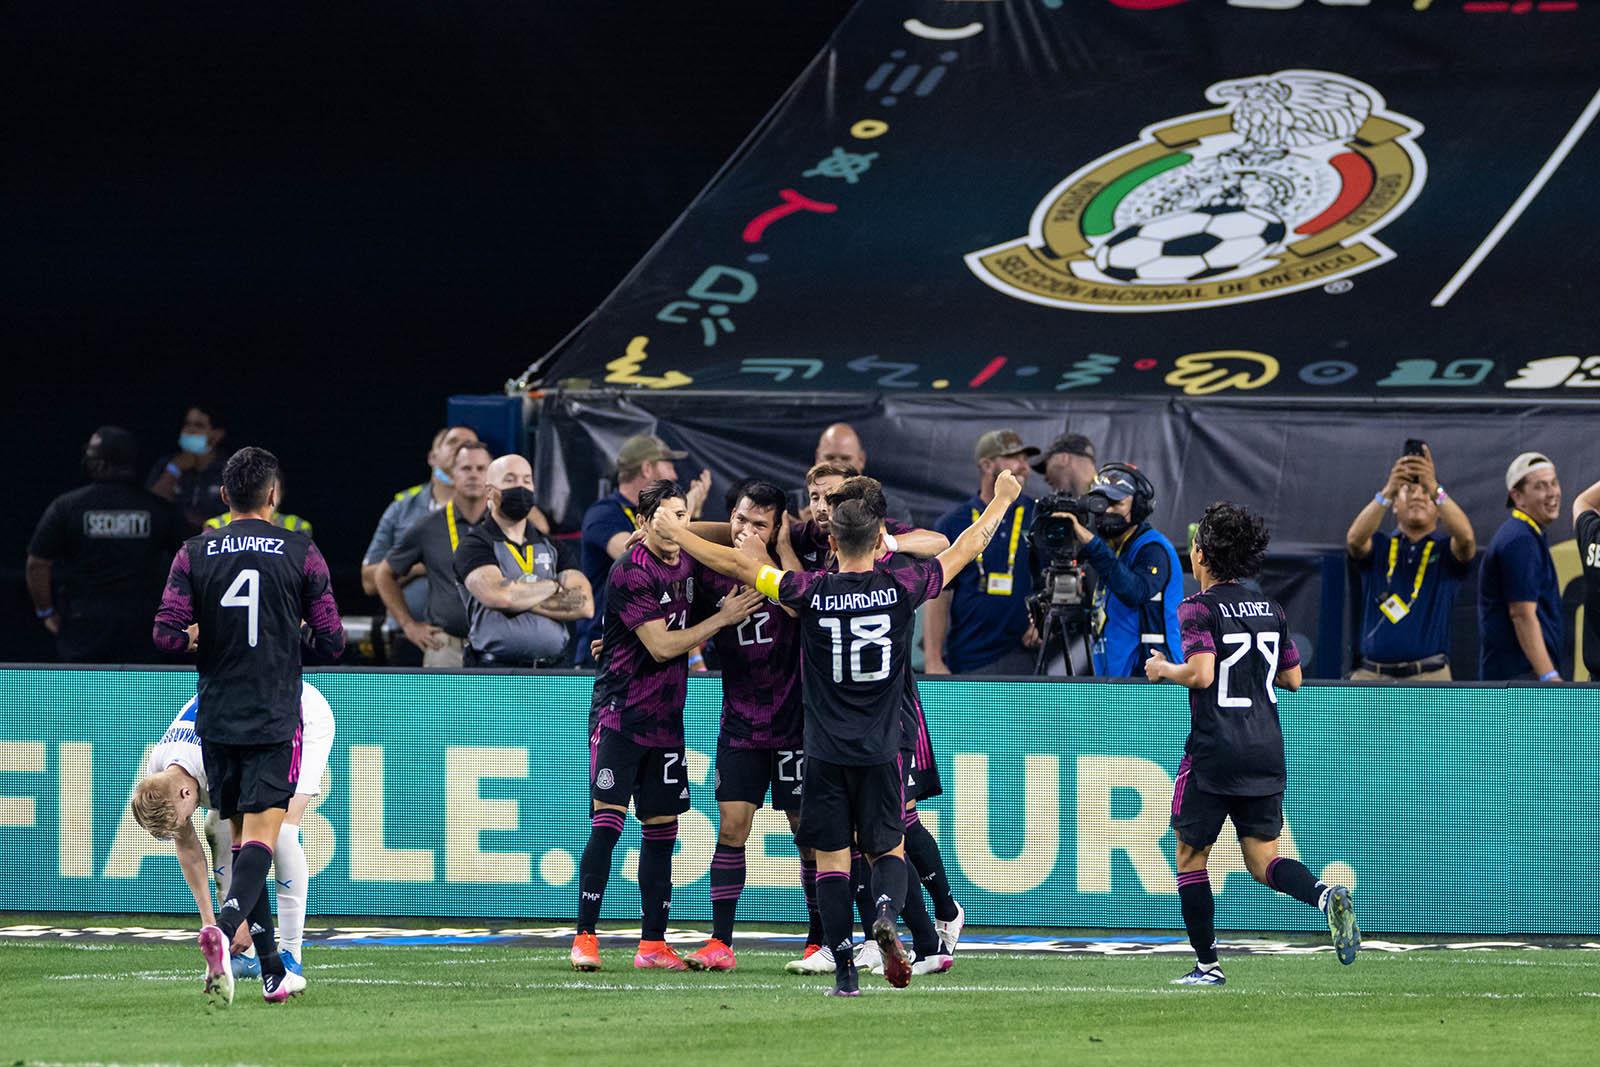 Mexico v Iceland 5-29-21 1460